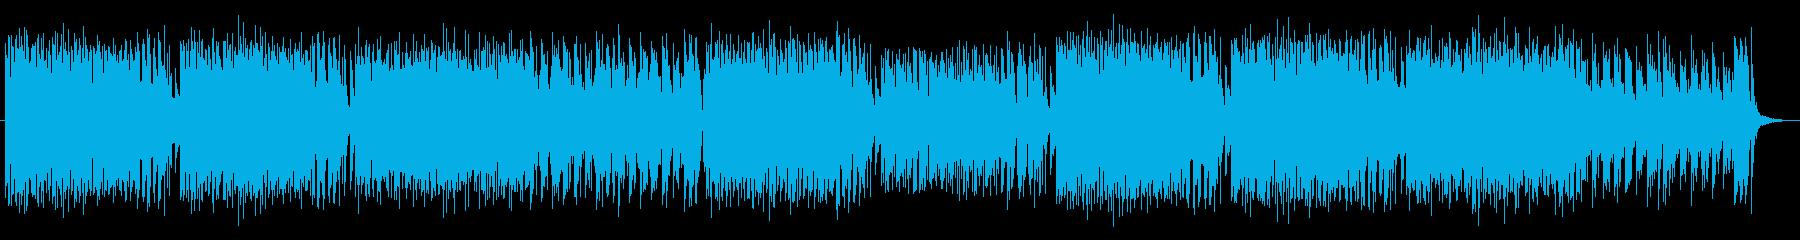 森で動物たちが踊ってそうなケルト音楽の再生済みの波形